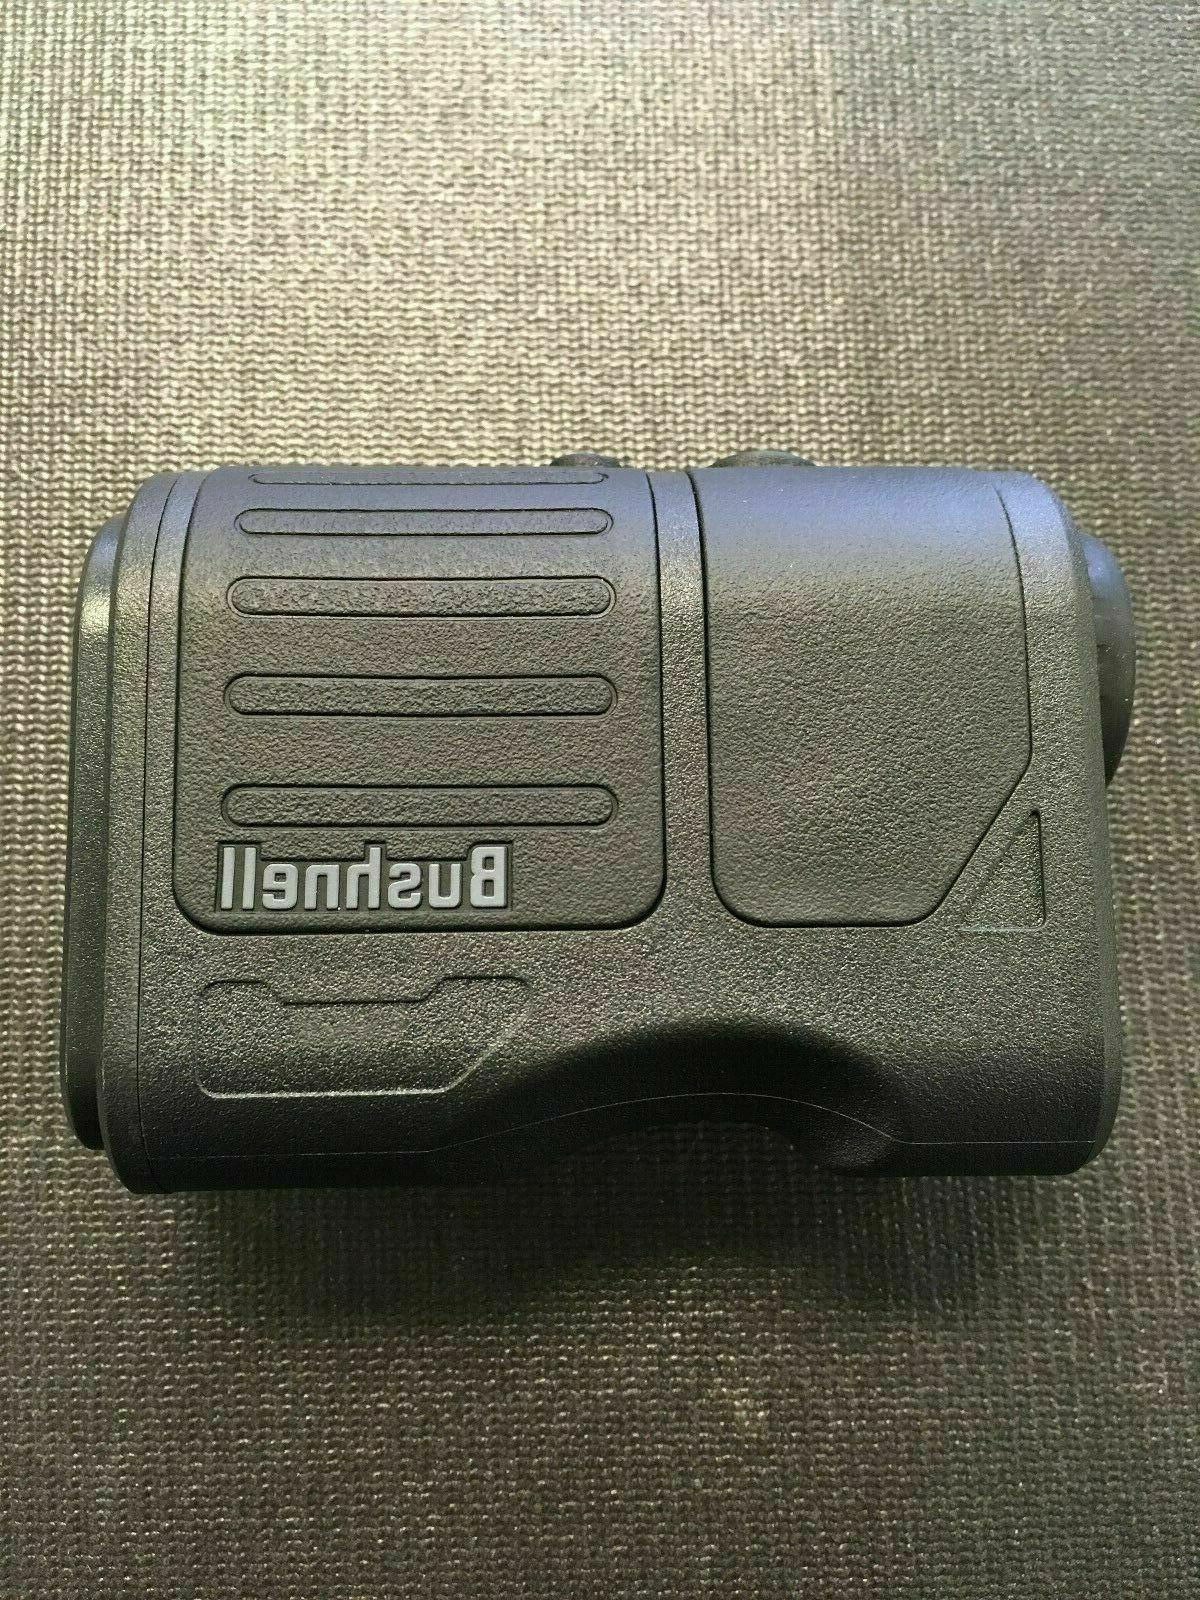 prime 6x24mm prime 800 laser rangefinder black